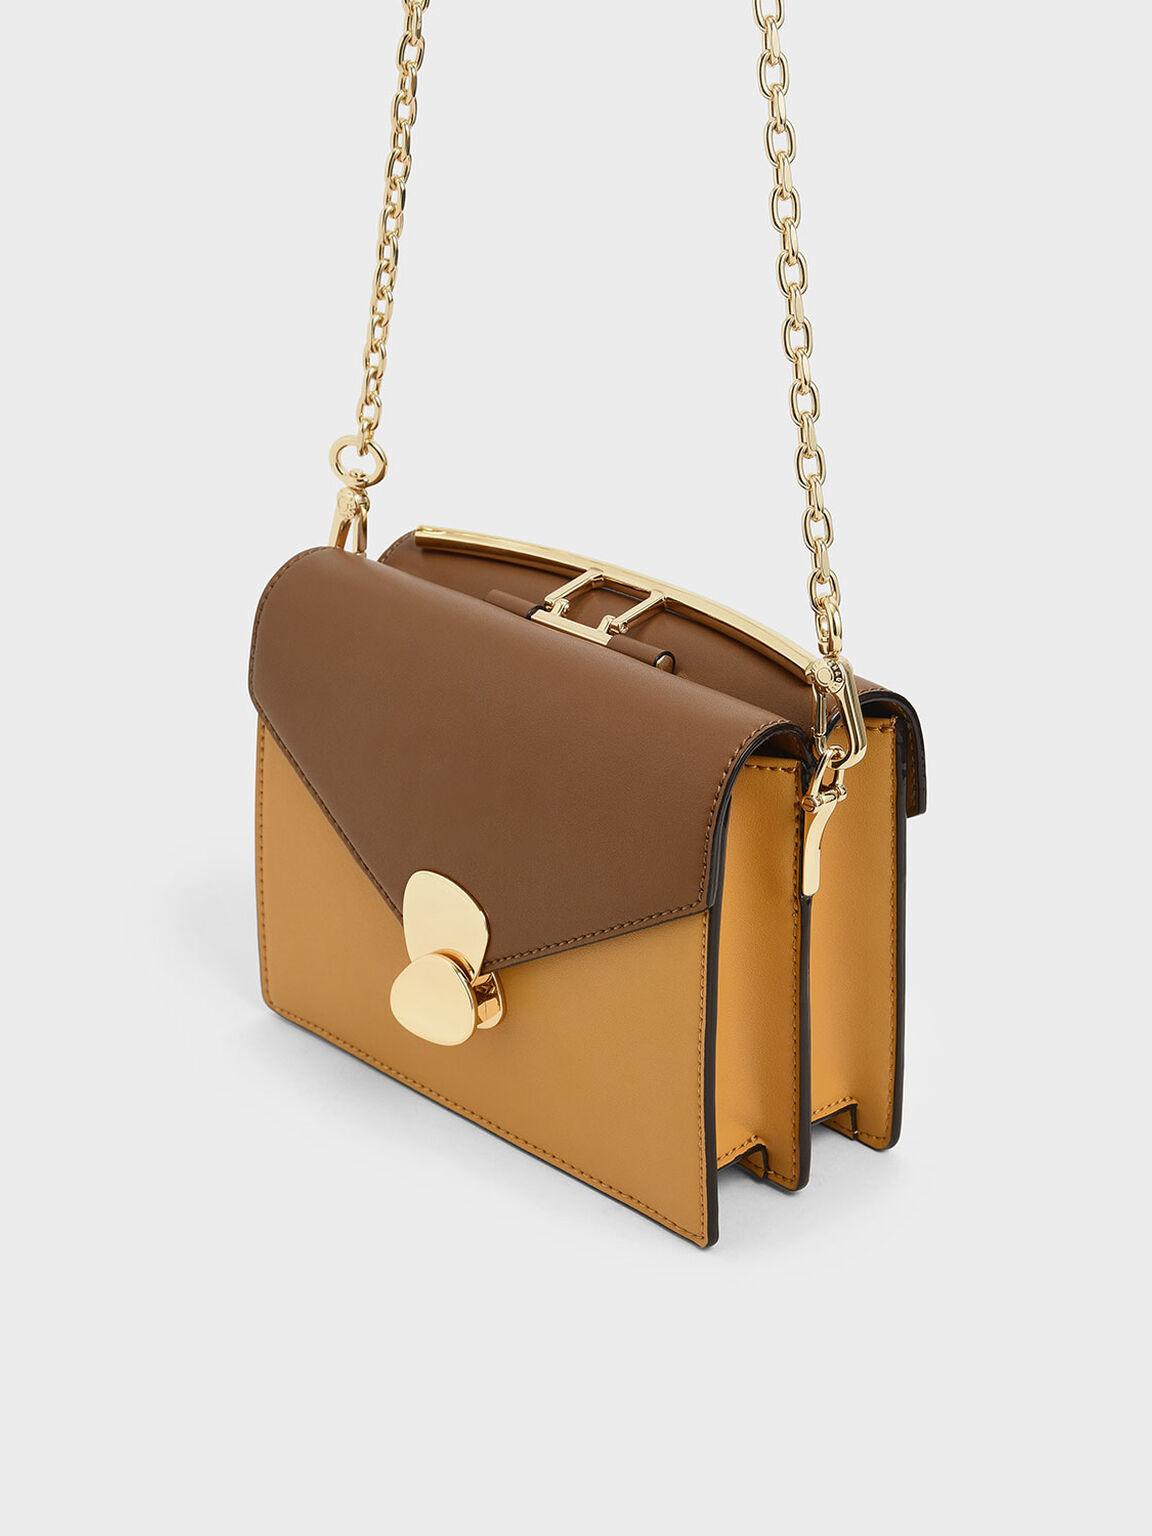 Two-Tone Metallic Push Lock Top Handle Bag, Brown, hi-res